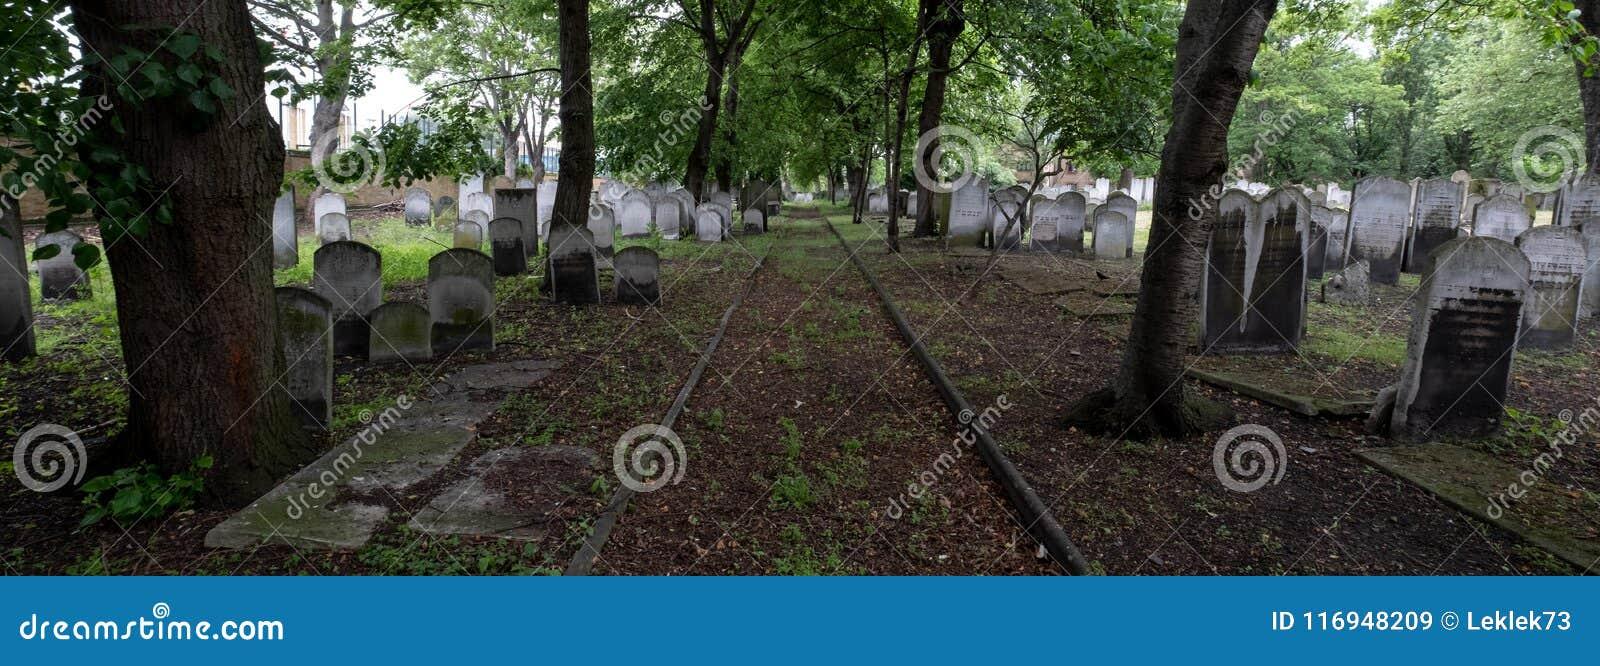 墓碑全景照片在历史的犹太公墓的布兰蒂街的,白教堂,东伦敦